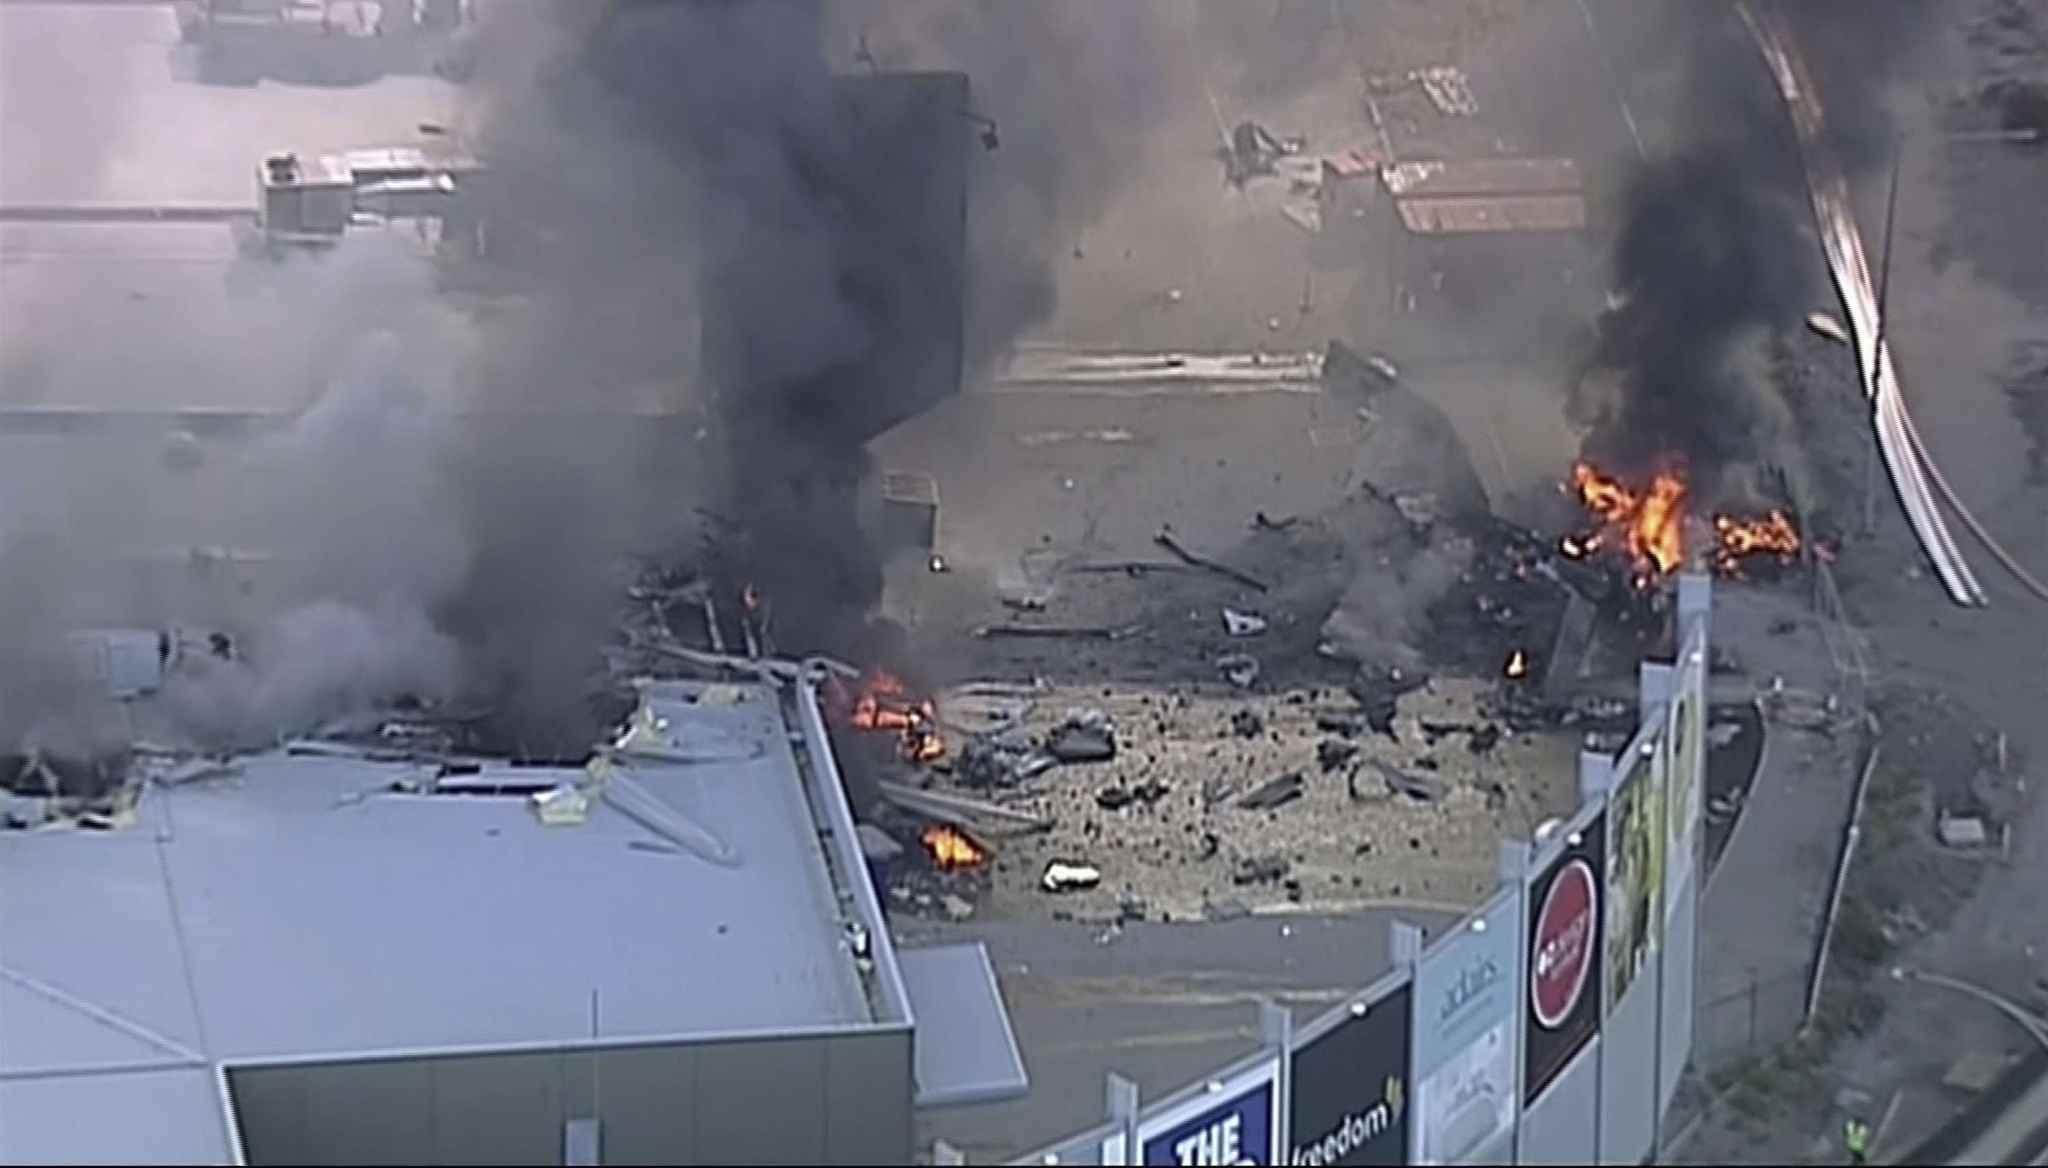 Le crash d'un avion sur un centre commercial fait cinq morts — Australie